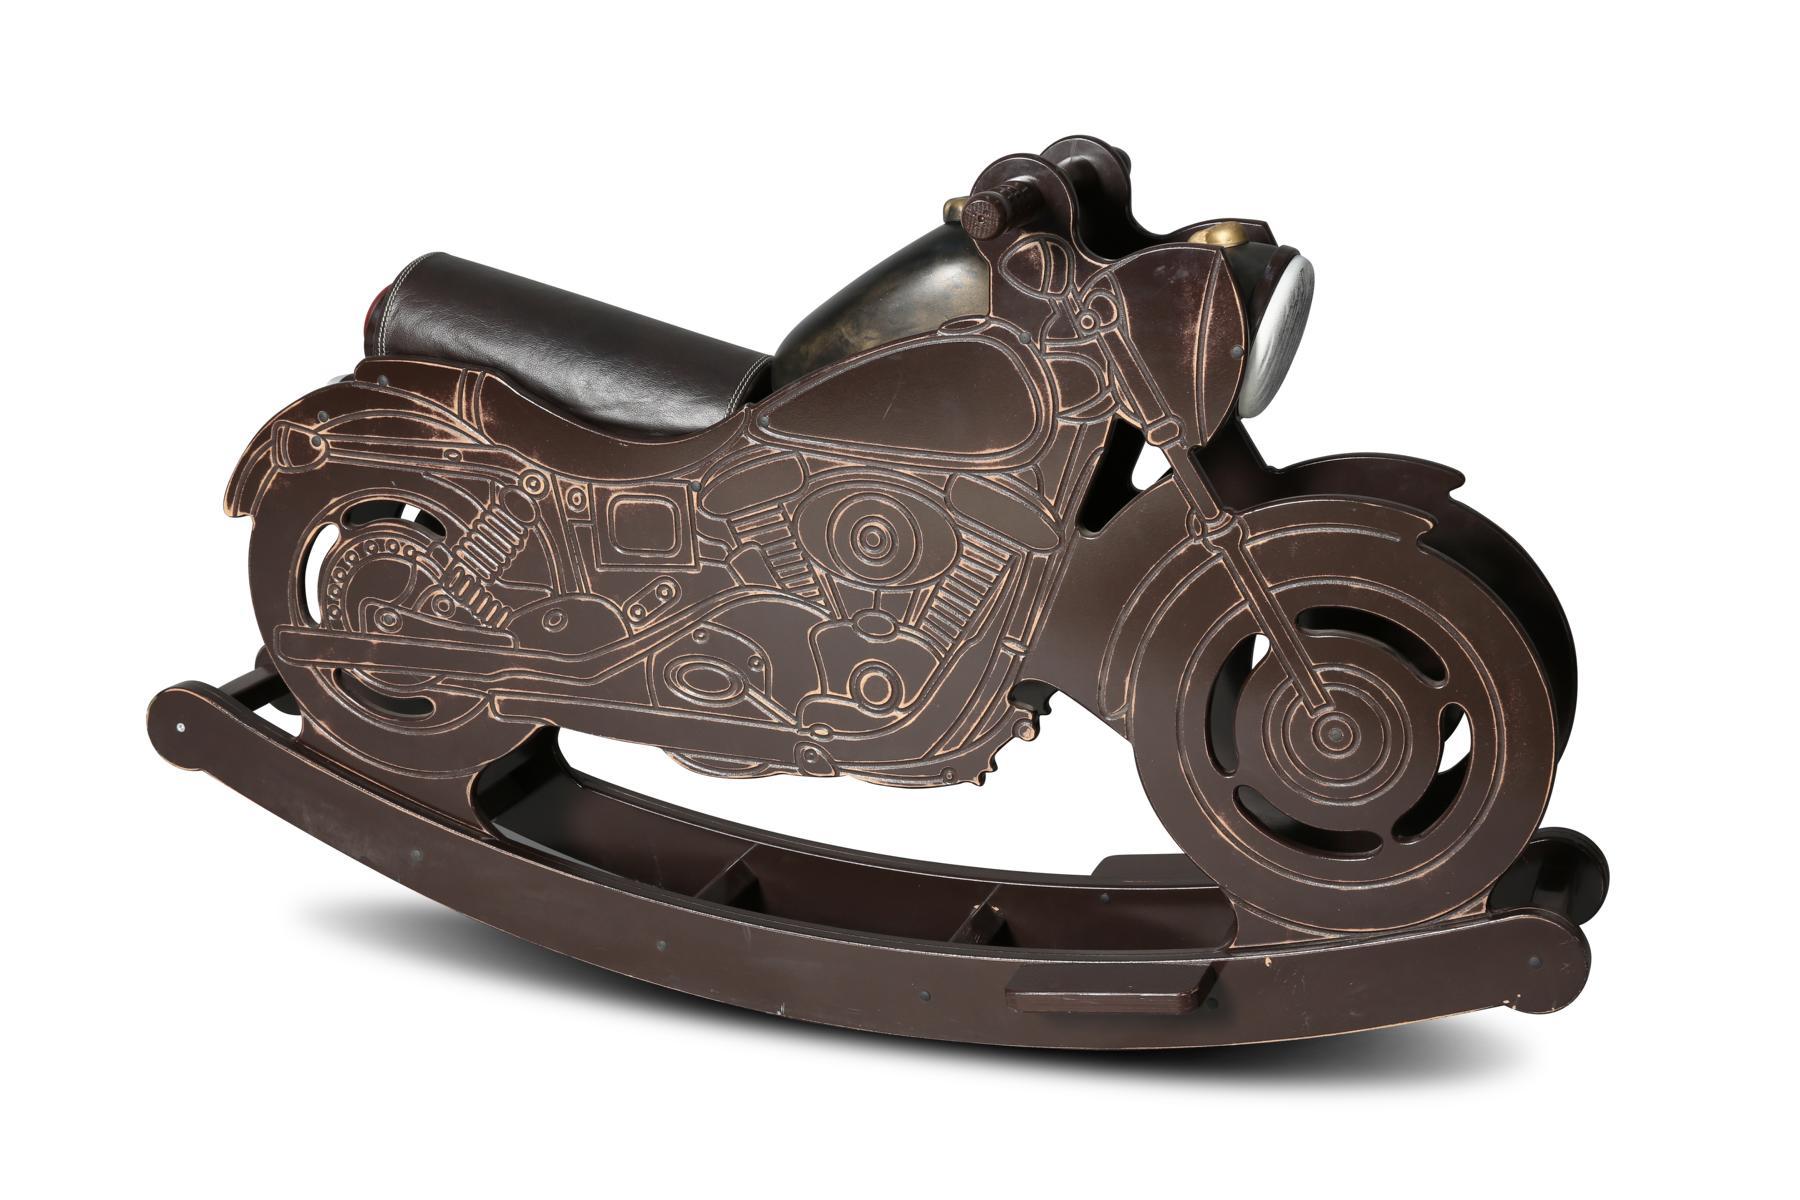 Schaukelmotorrad in Braun in coolem Design